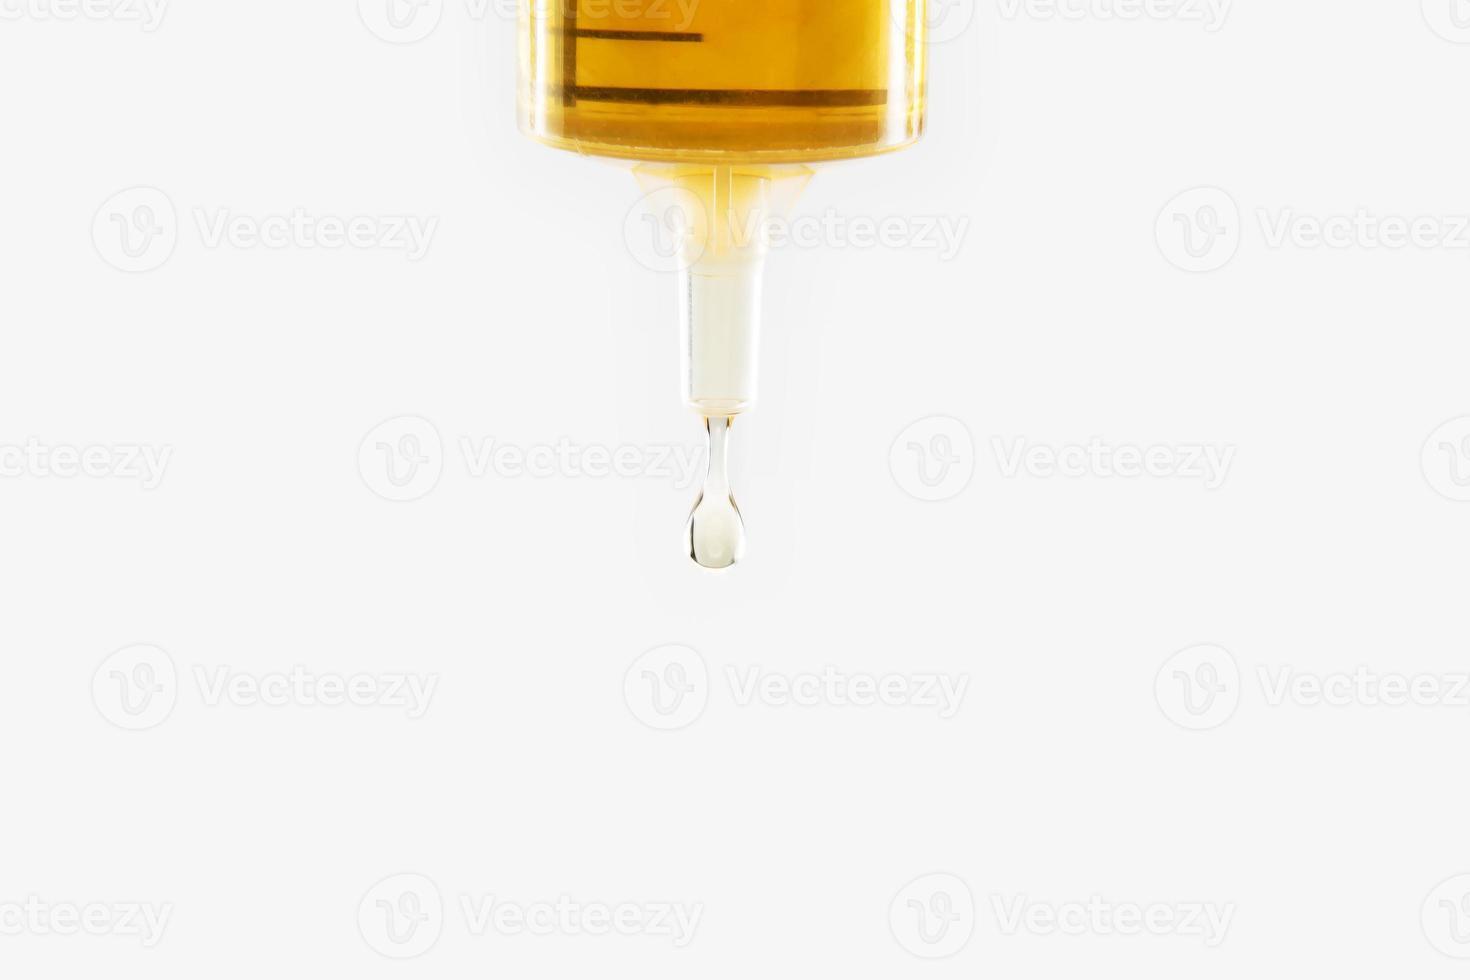 siringa con una goccia di medicina foto